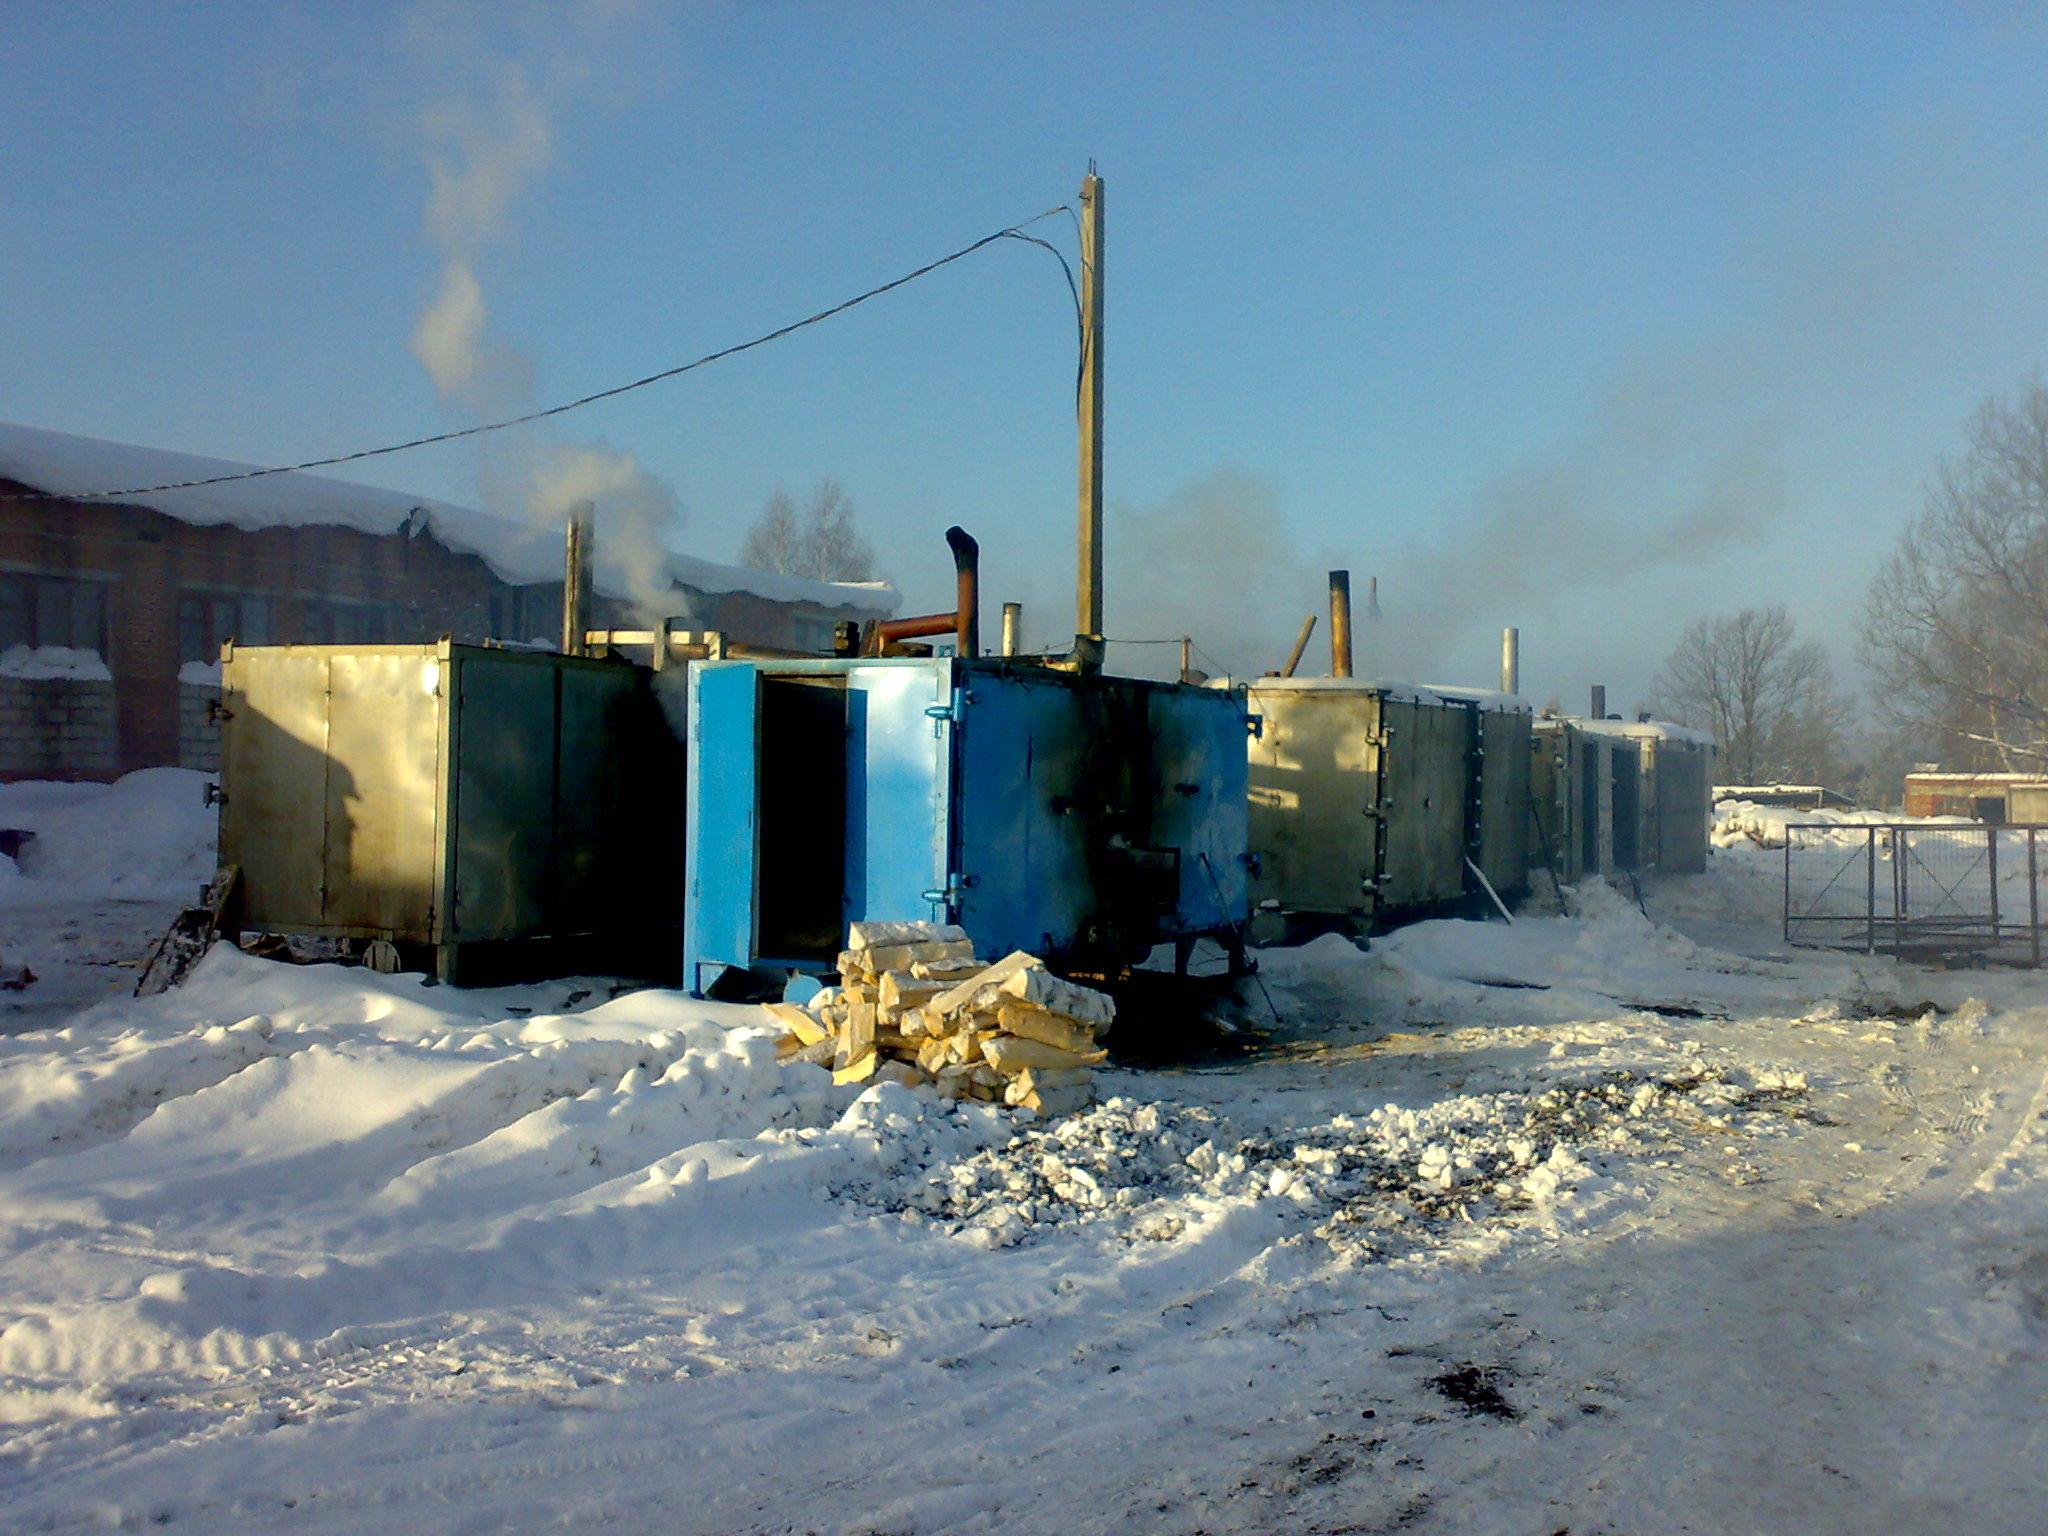 http://realbusinessles.narod.ru/31012008330.jpg